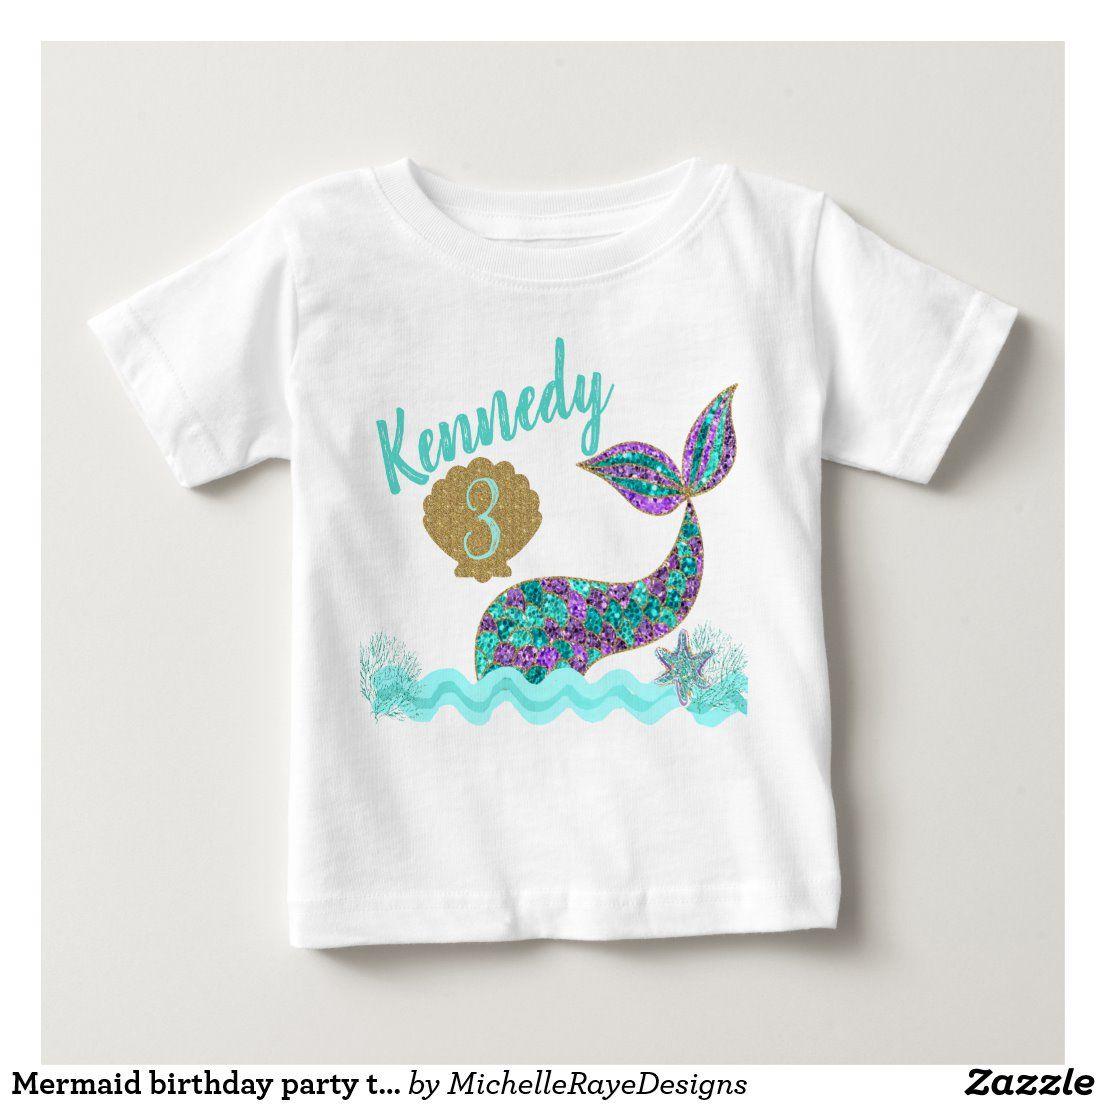 Mermaid birthday party tshirt, custom baby TShirt